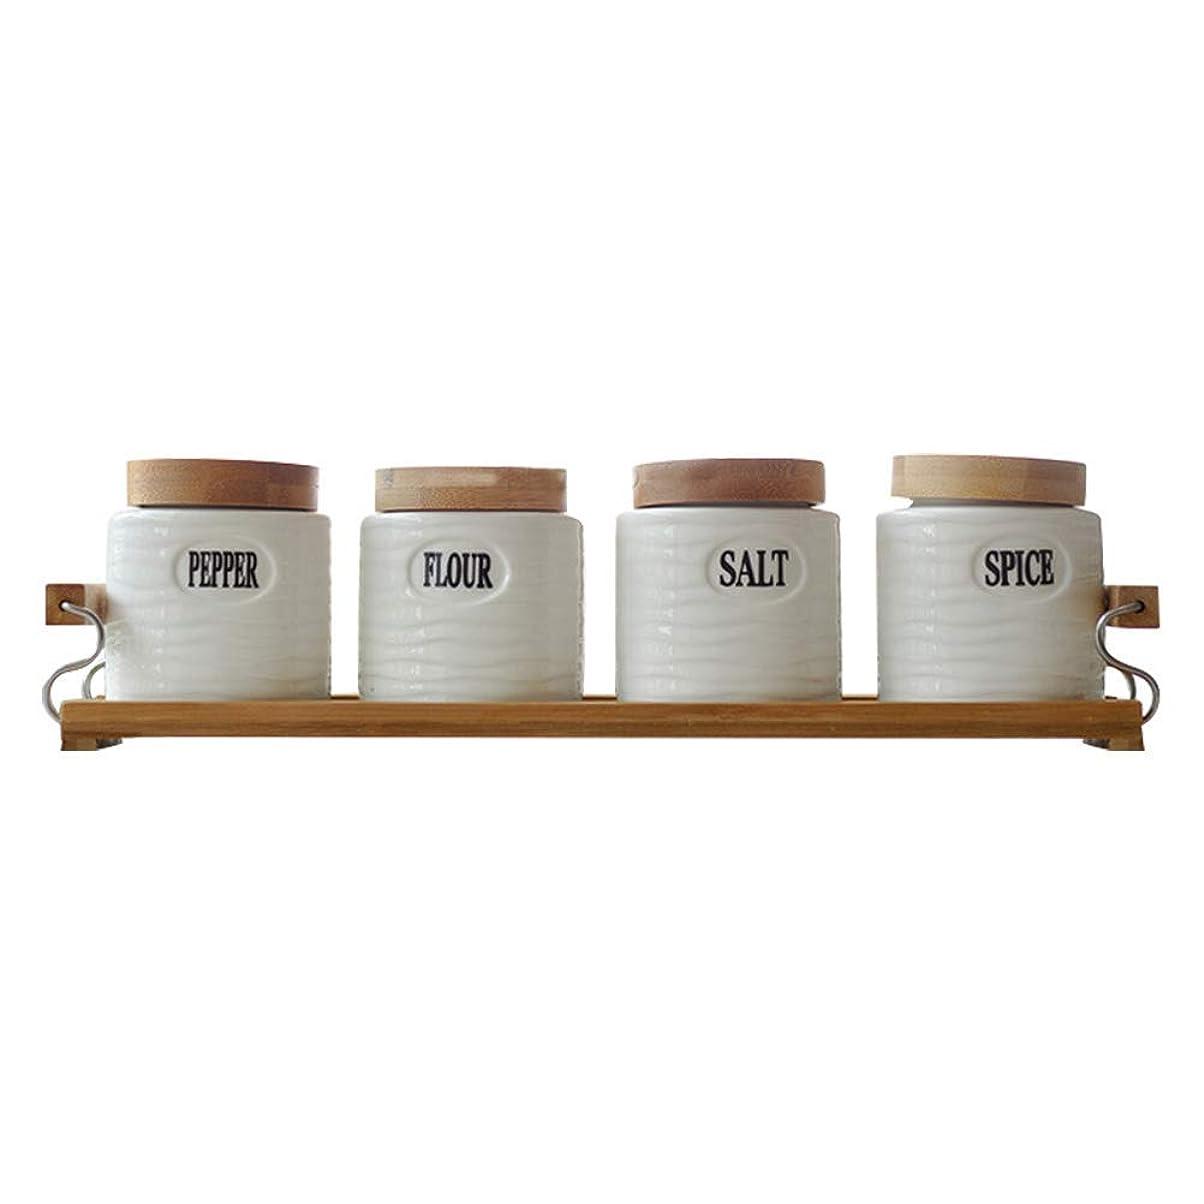 メタルライン入射巻き取りセラミックスパイスジャーセットウッドカバー調味料ボックス塩収納ボックスラック付きキッチン用品アクセサリー